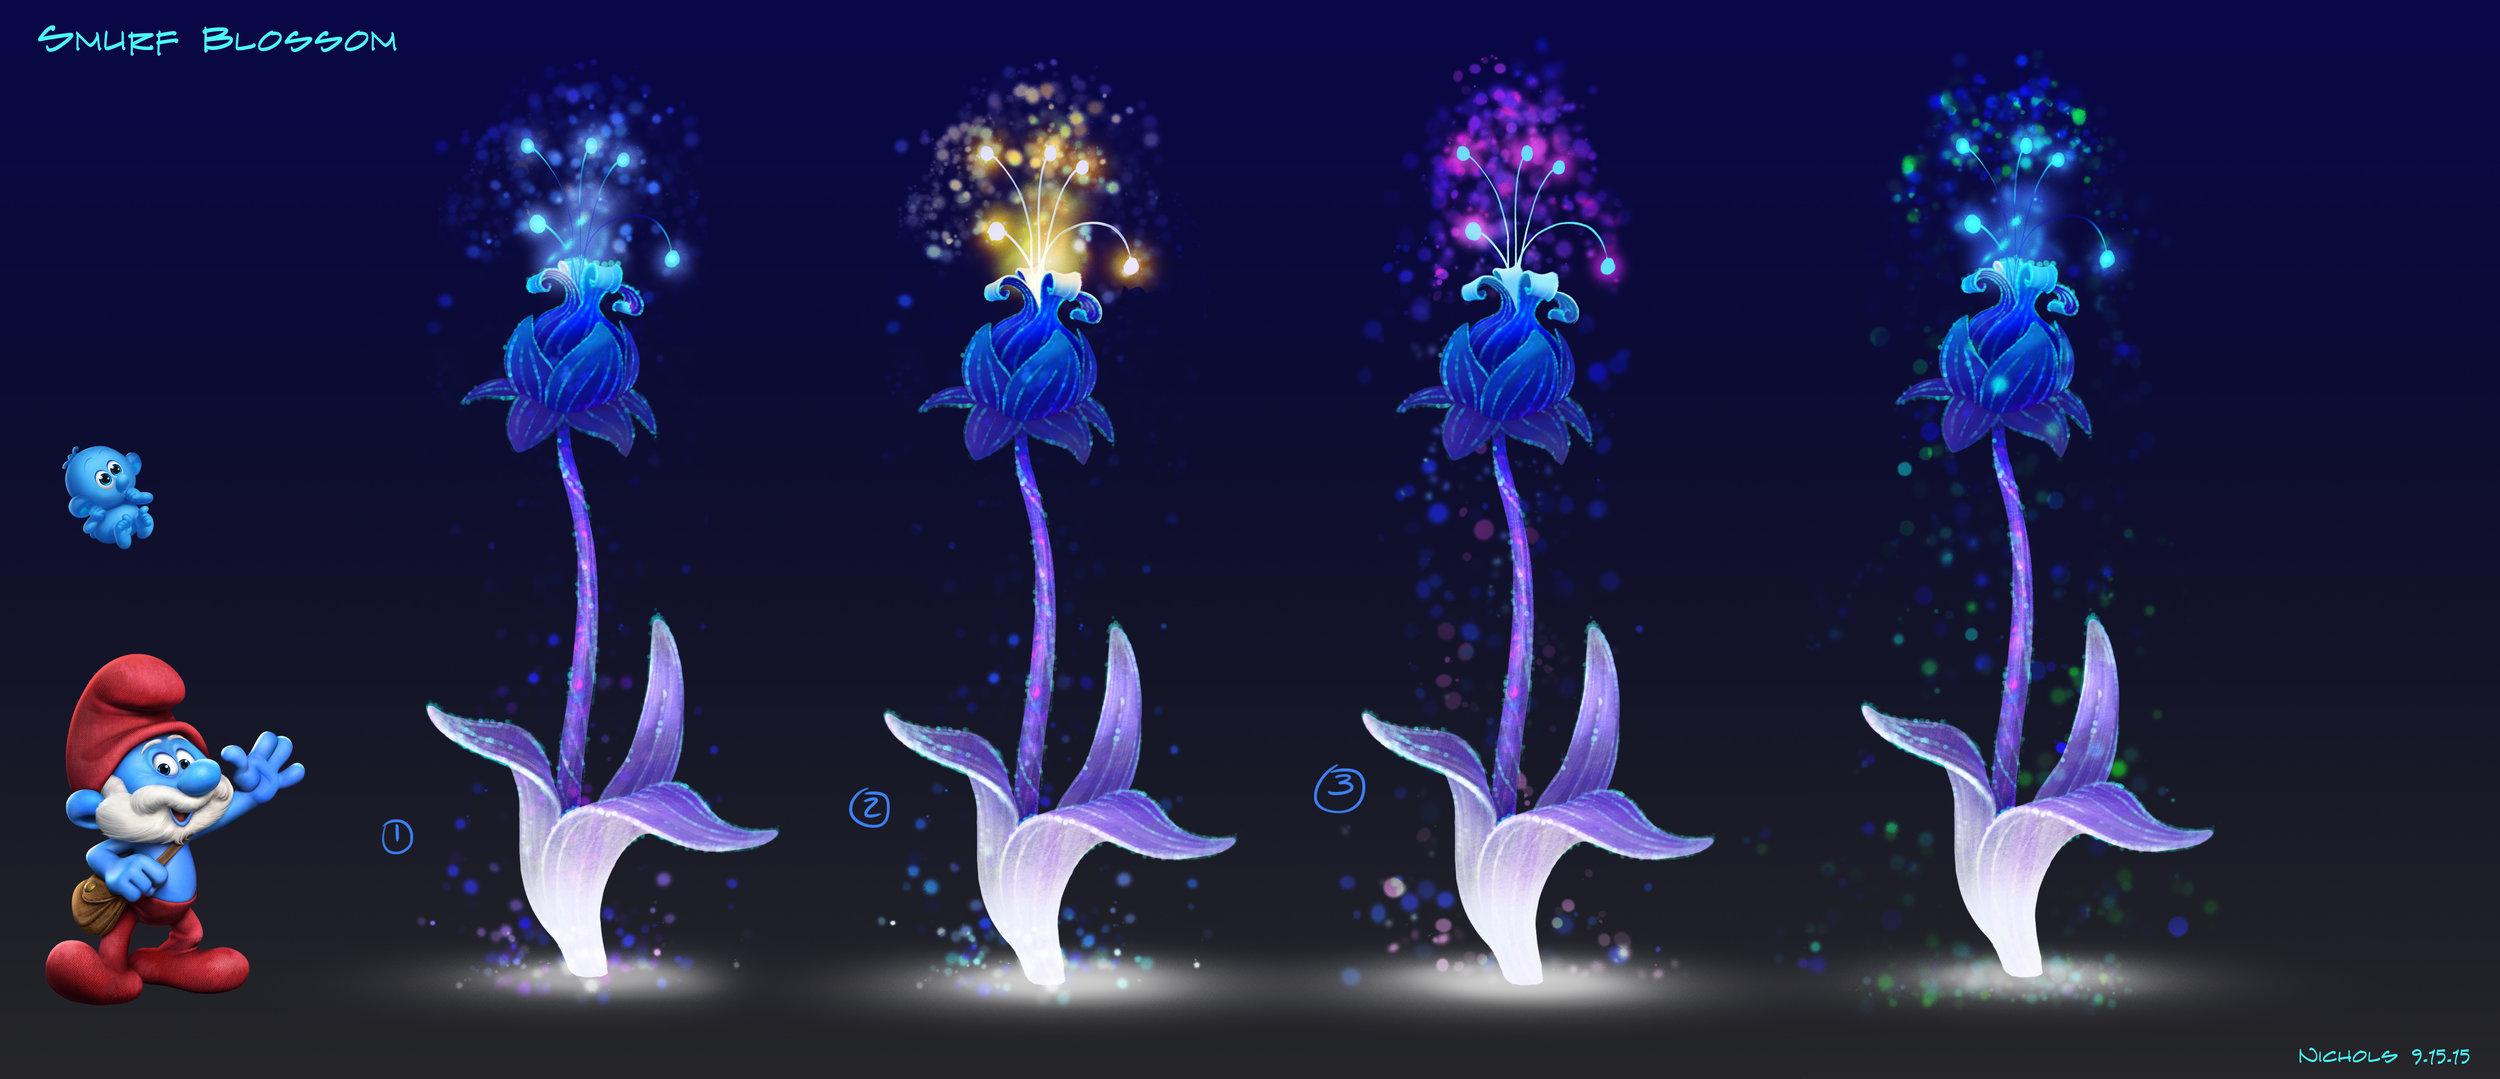 smurf_blossom_color_final.jpg